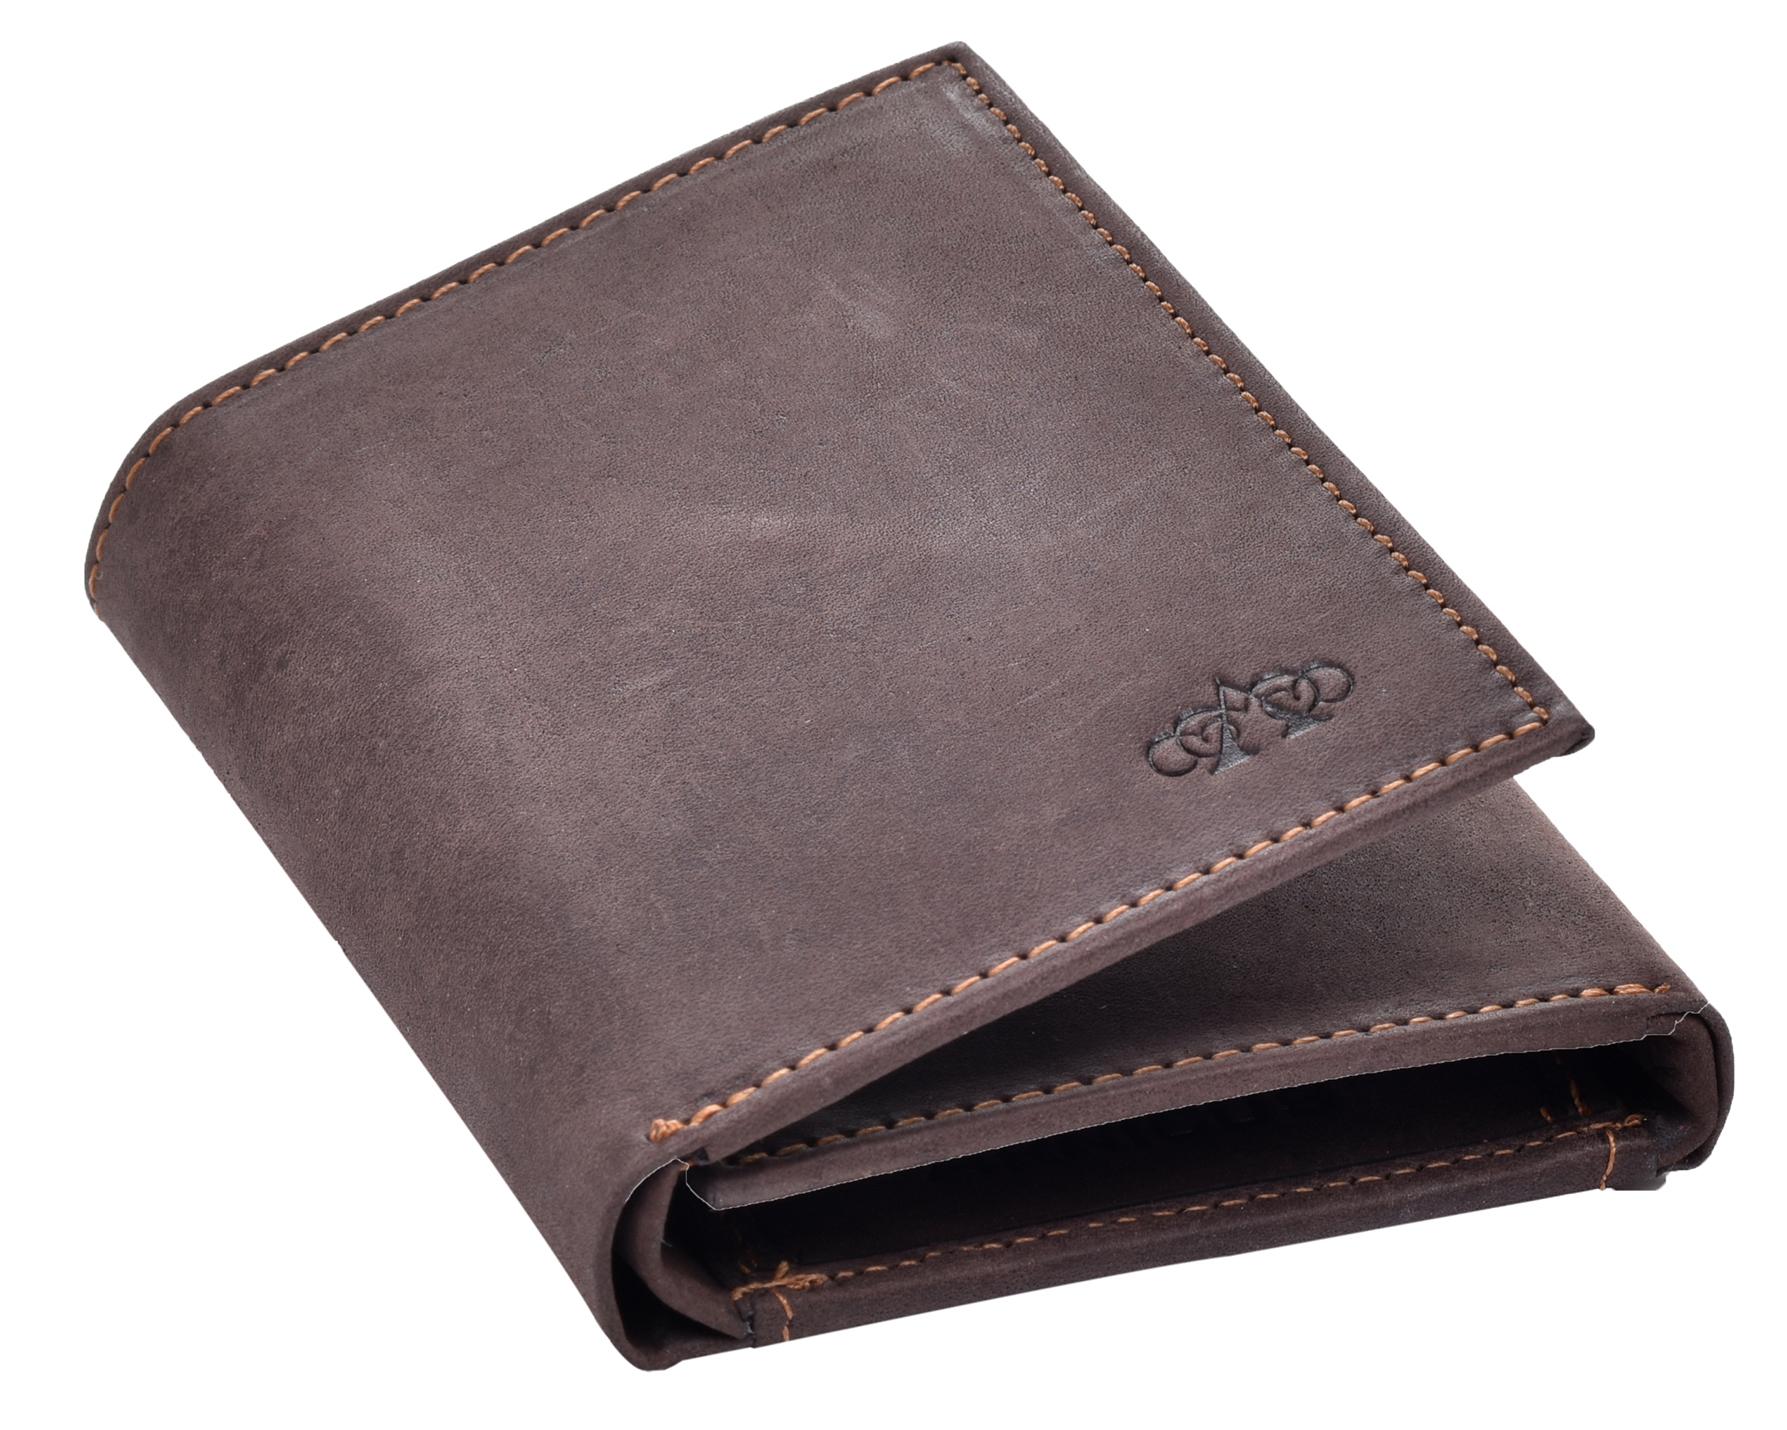 Homme-effet-vieilli-Cuir-Veritable-Trifold-Wallet-Purse-RFID-Bloquant-Marron-Noir miniature 8